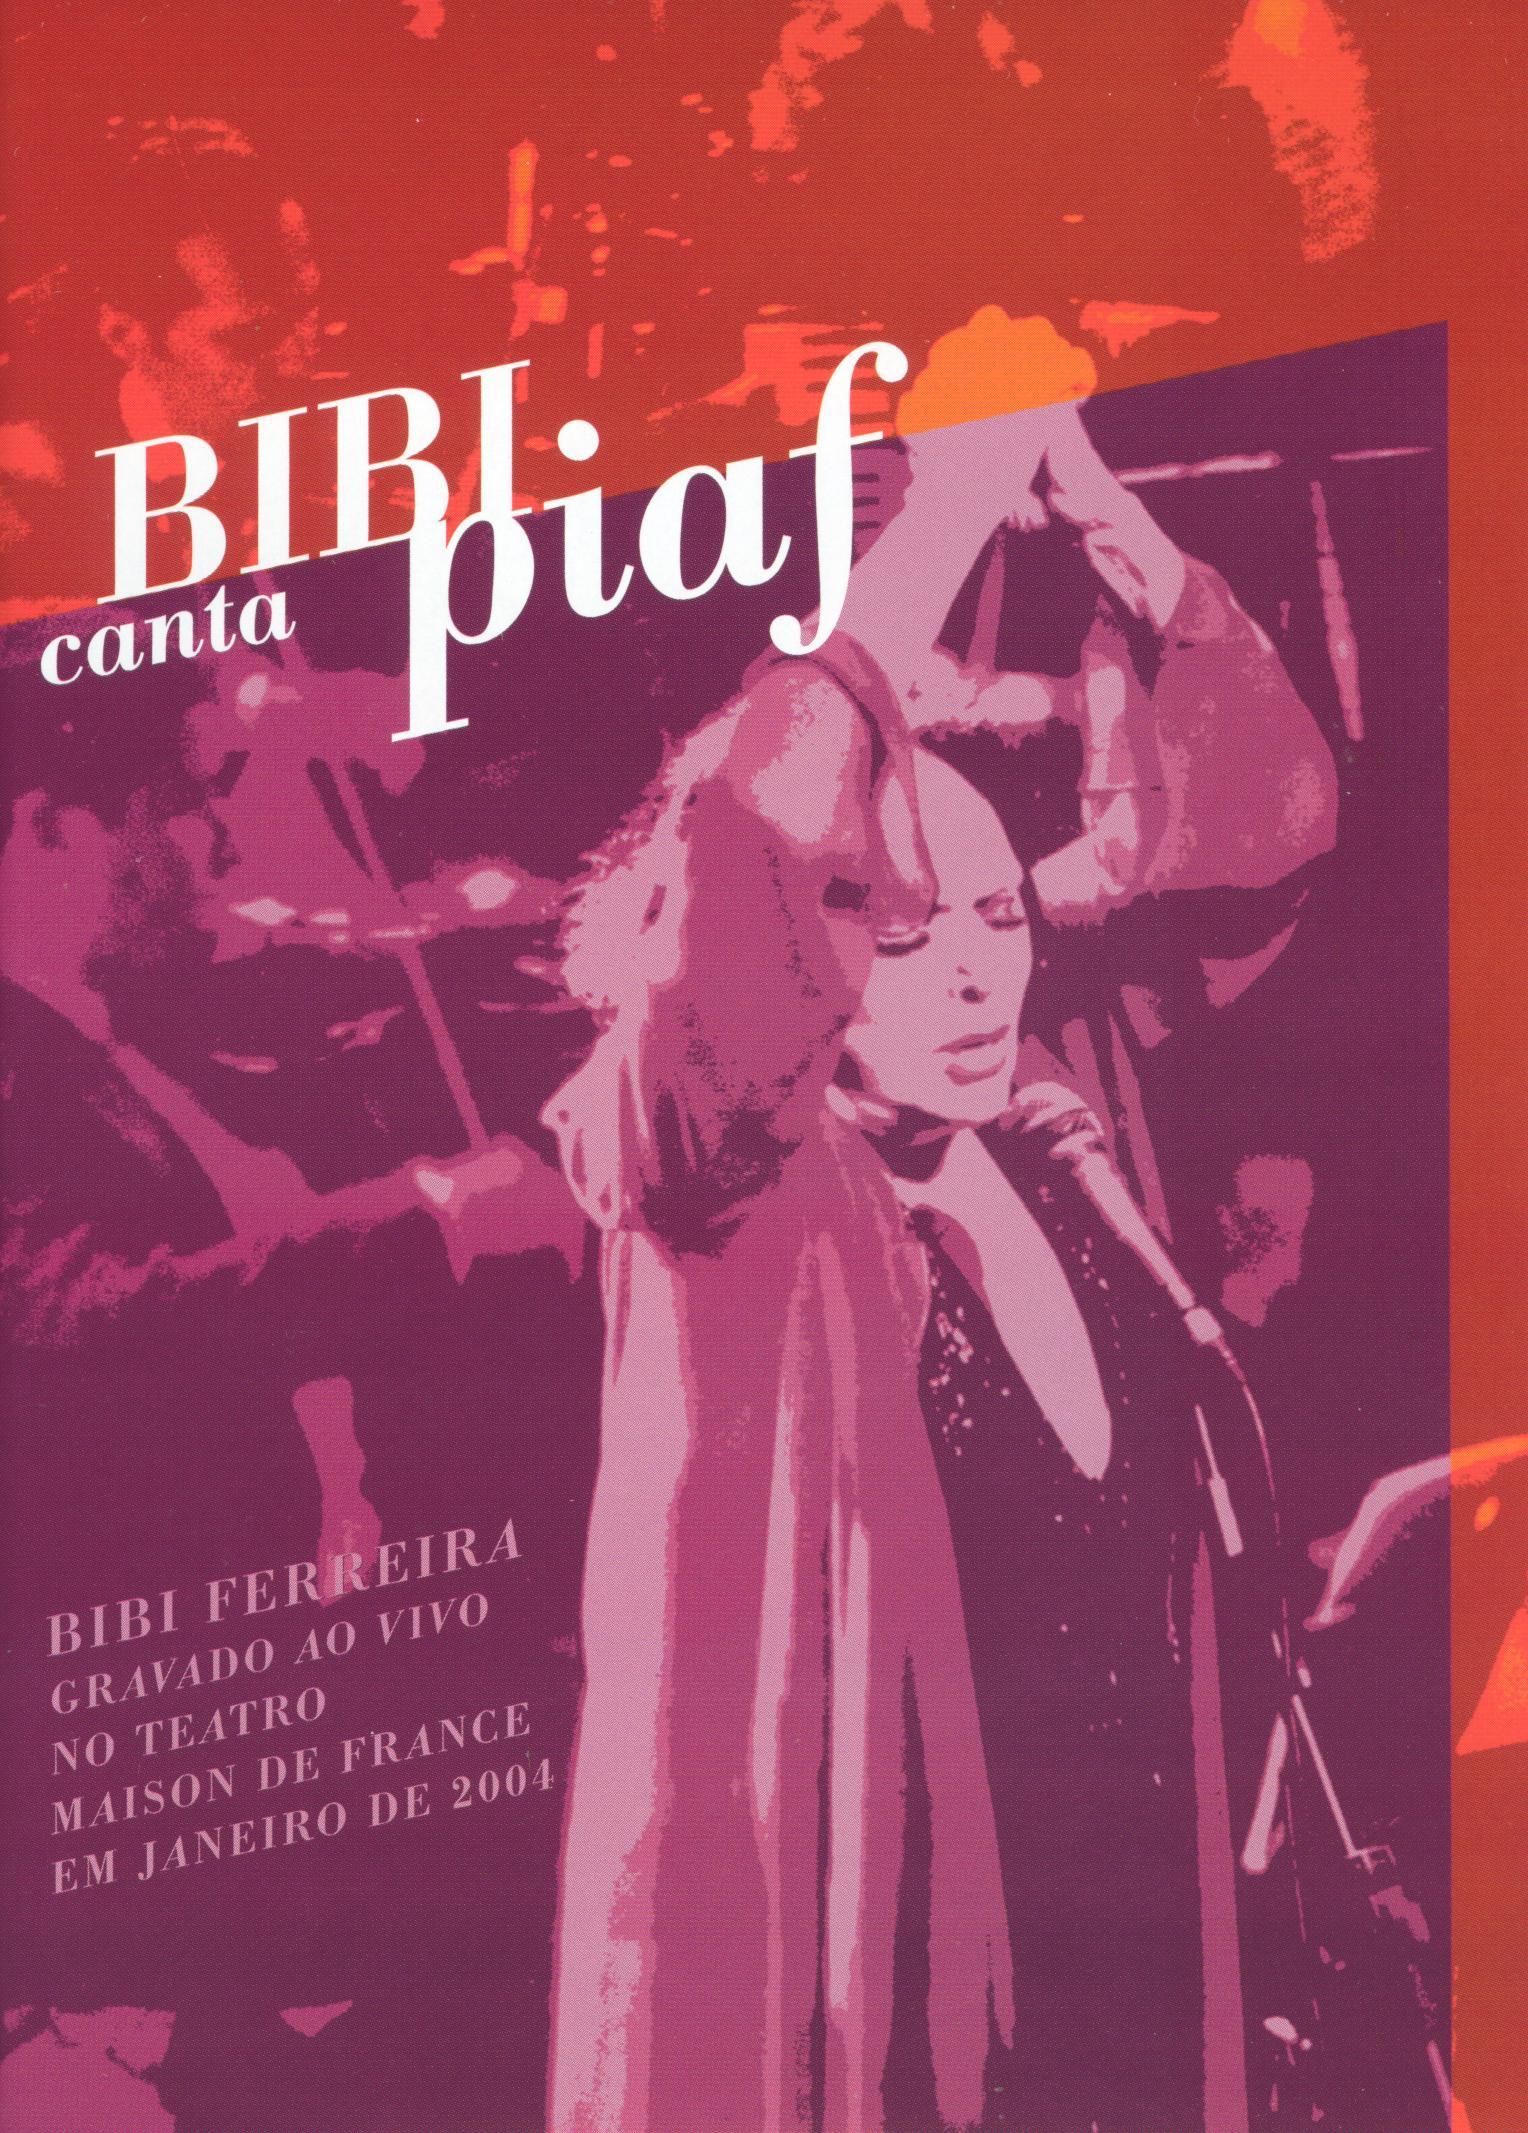 Bibi Ferreira: Piaf